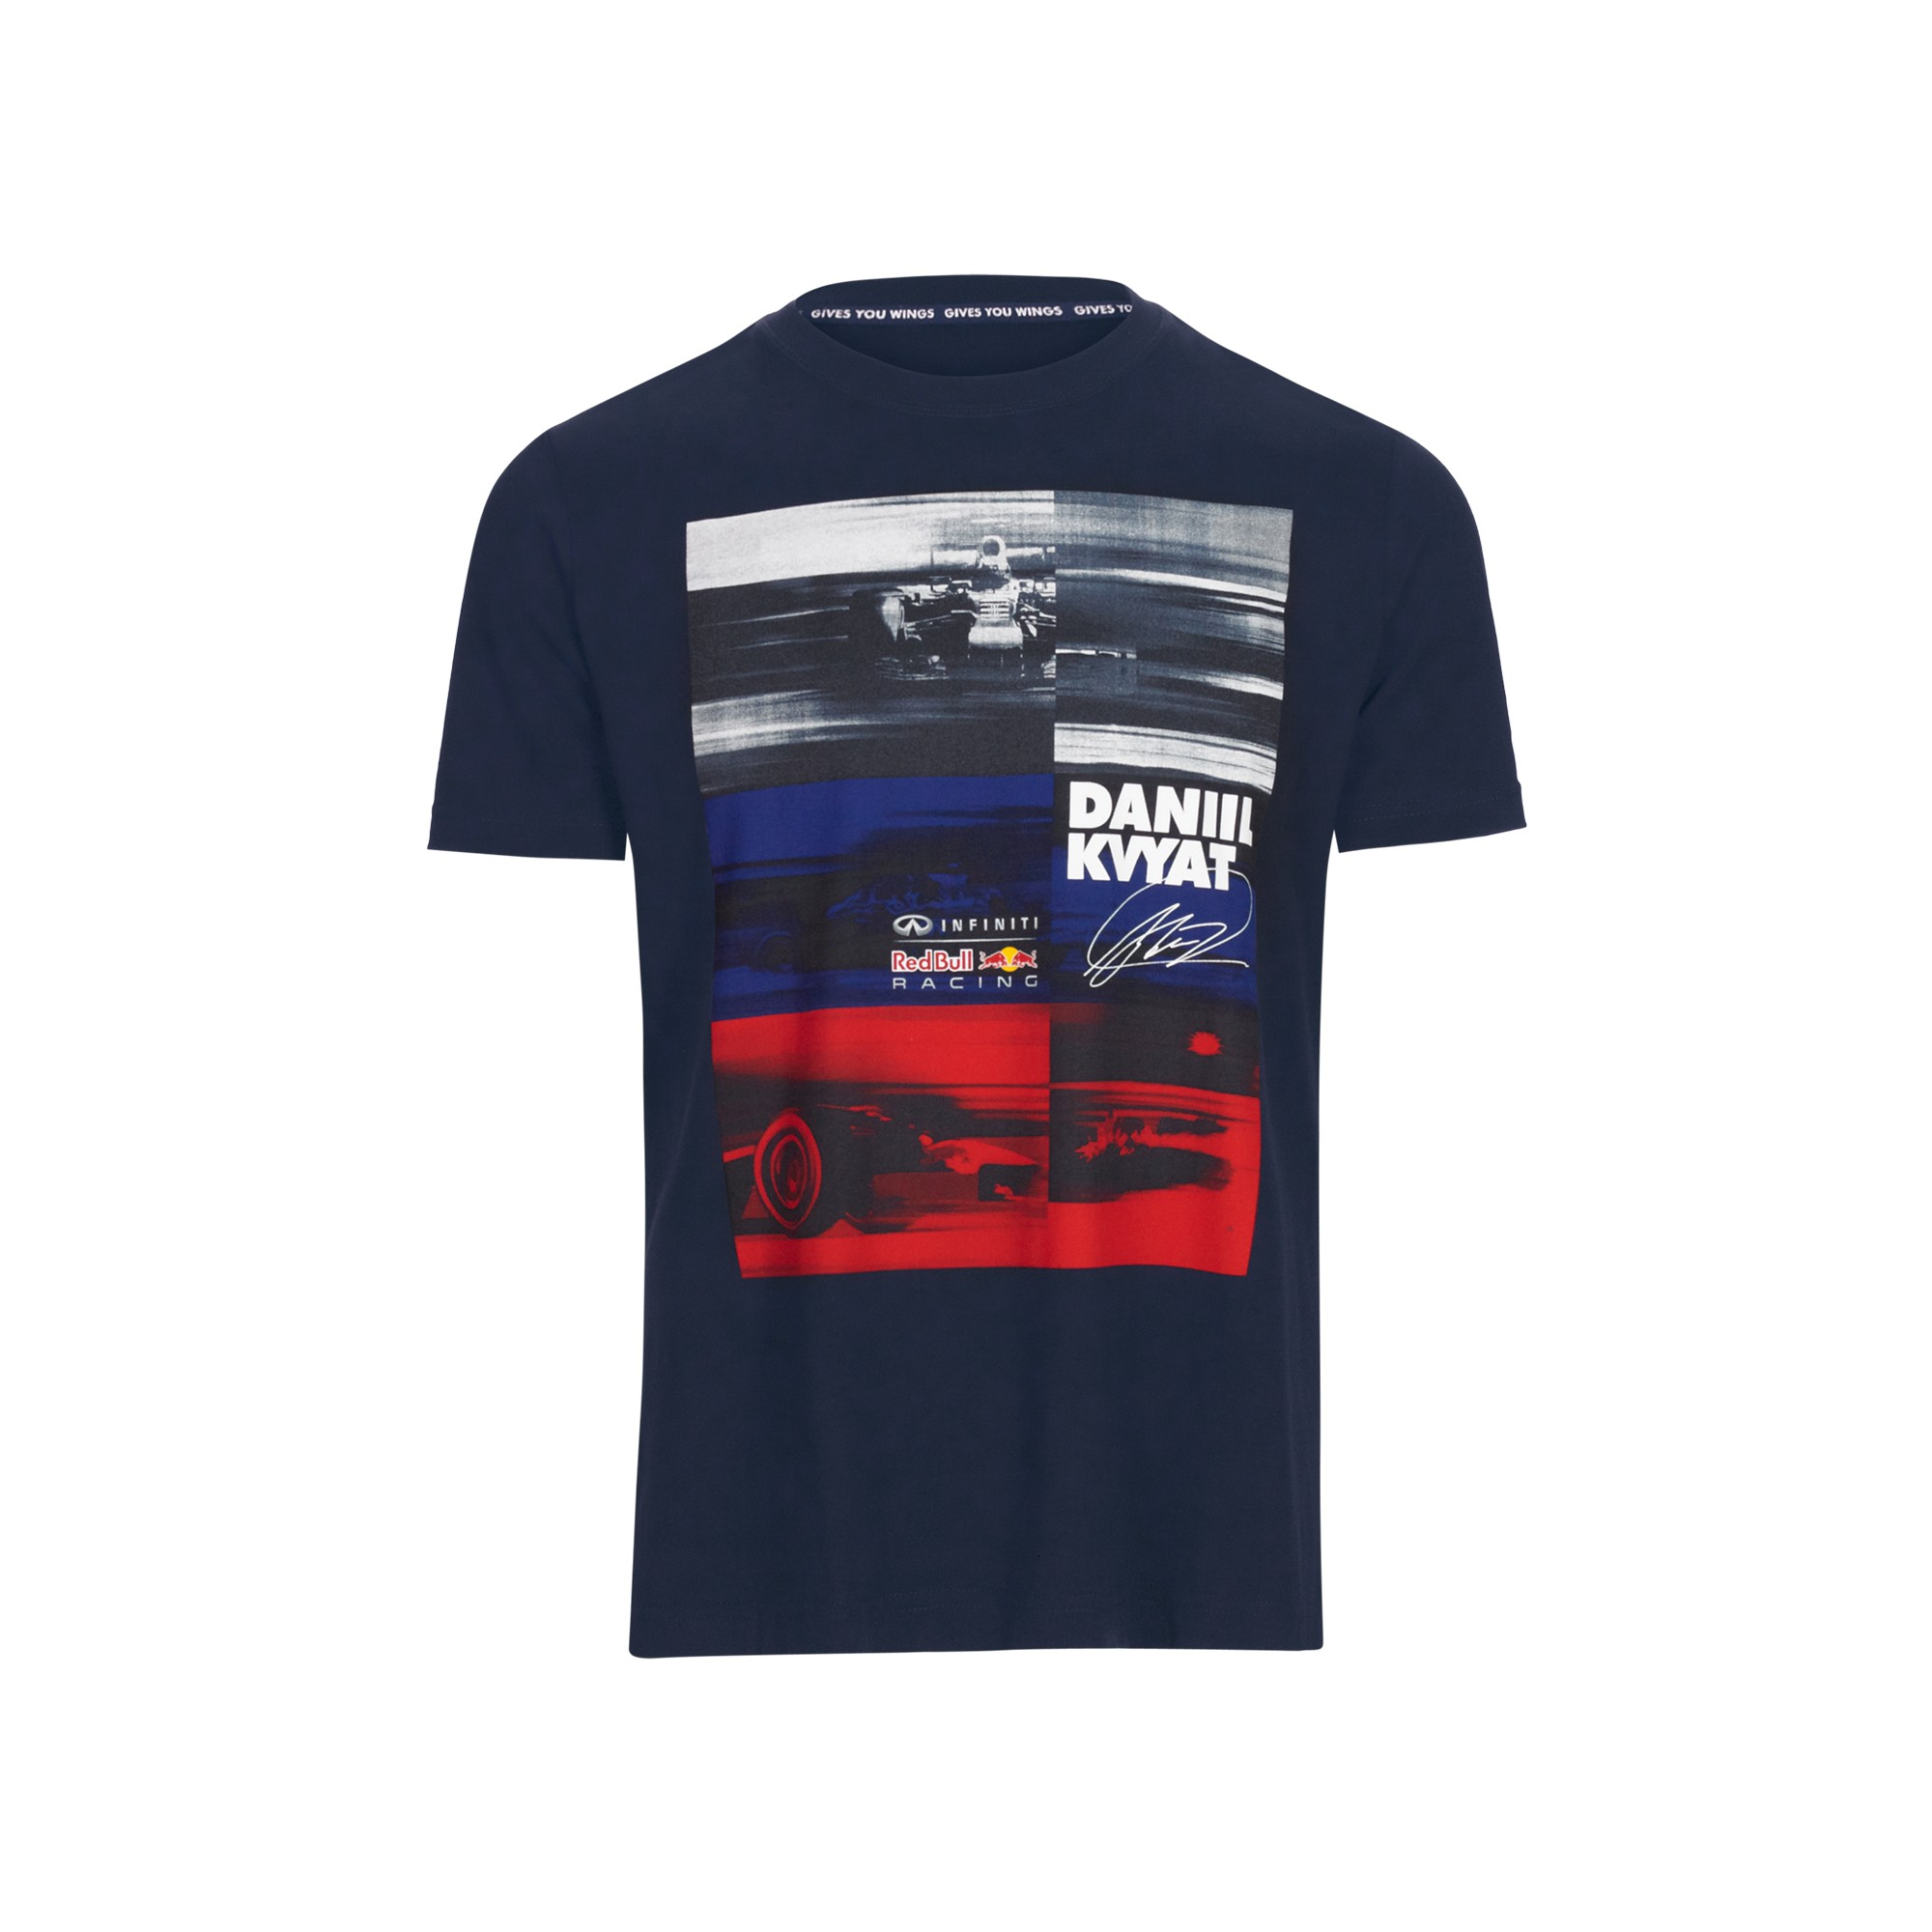 Daniil Kvyat Driver T-Shirt